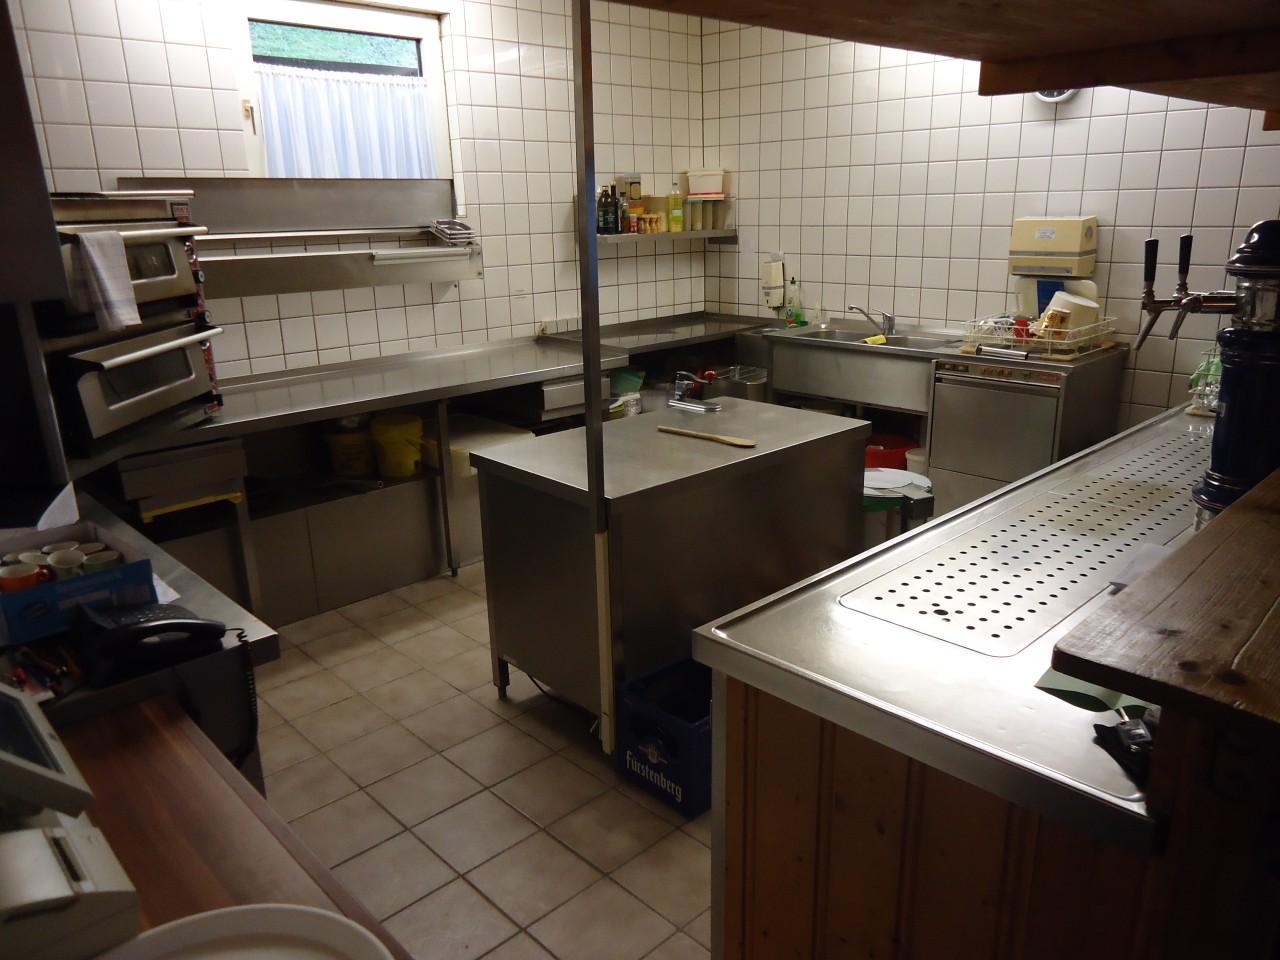 Berühmt Die Pizza Küche Fotos - Ideen Für Die Küche Dekoration ...